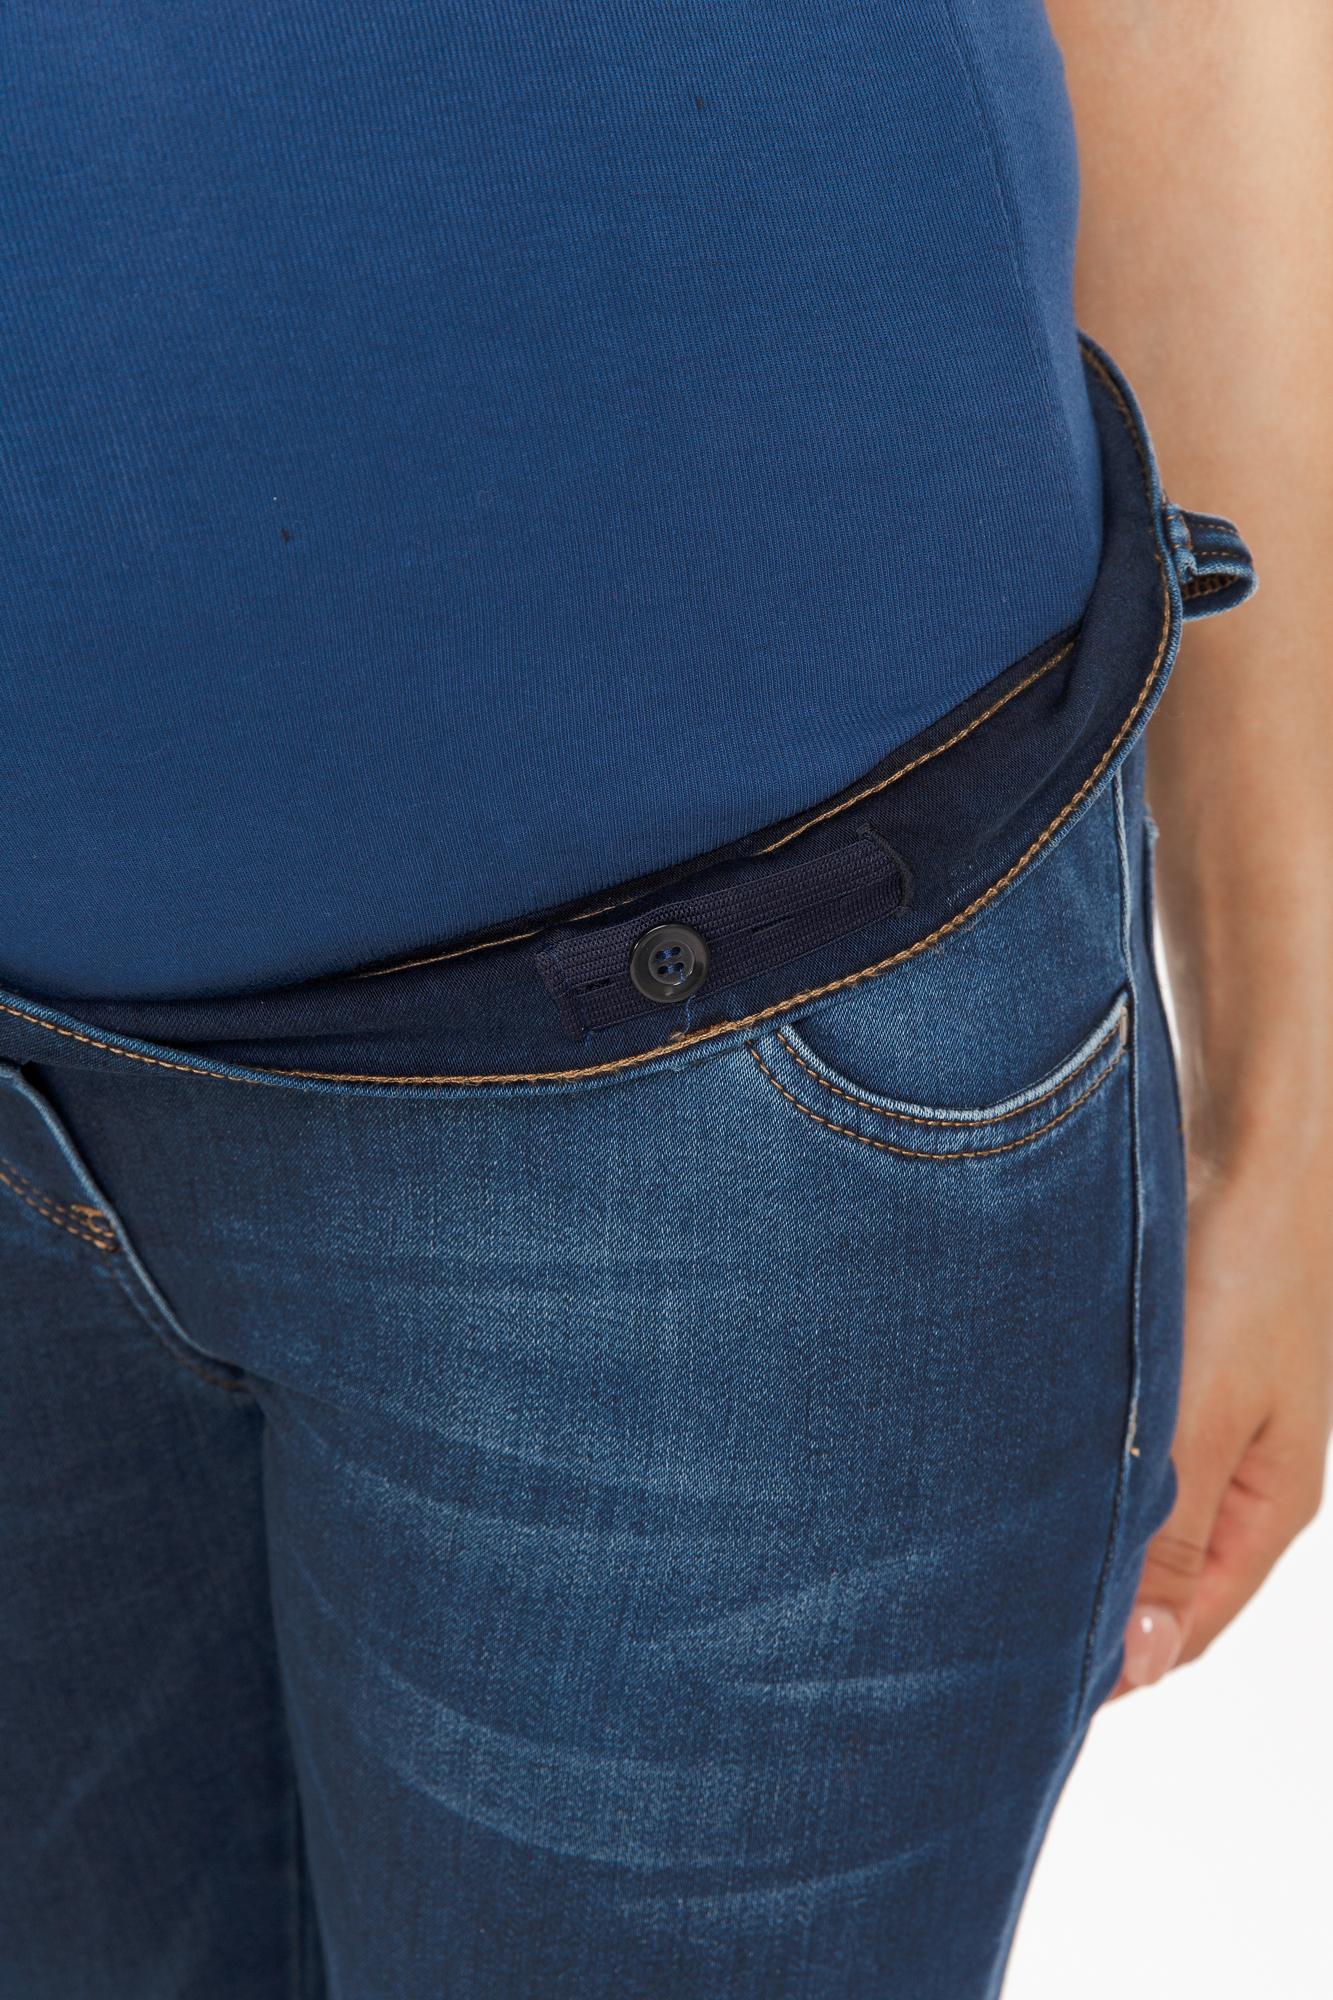 Утепленные джинсы для беременных (SKINNY) 10709 синий